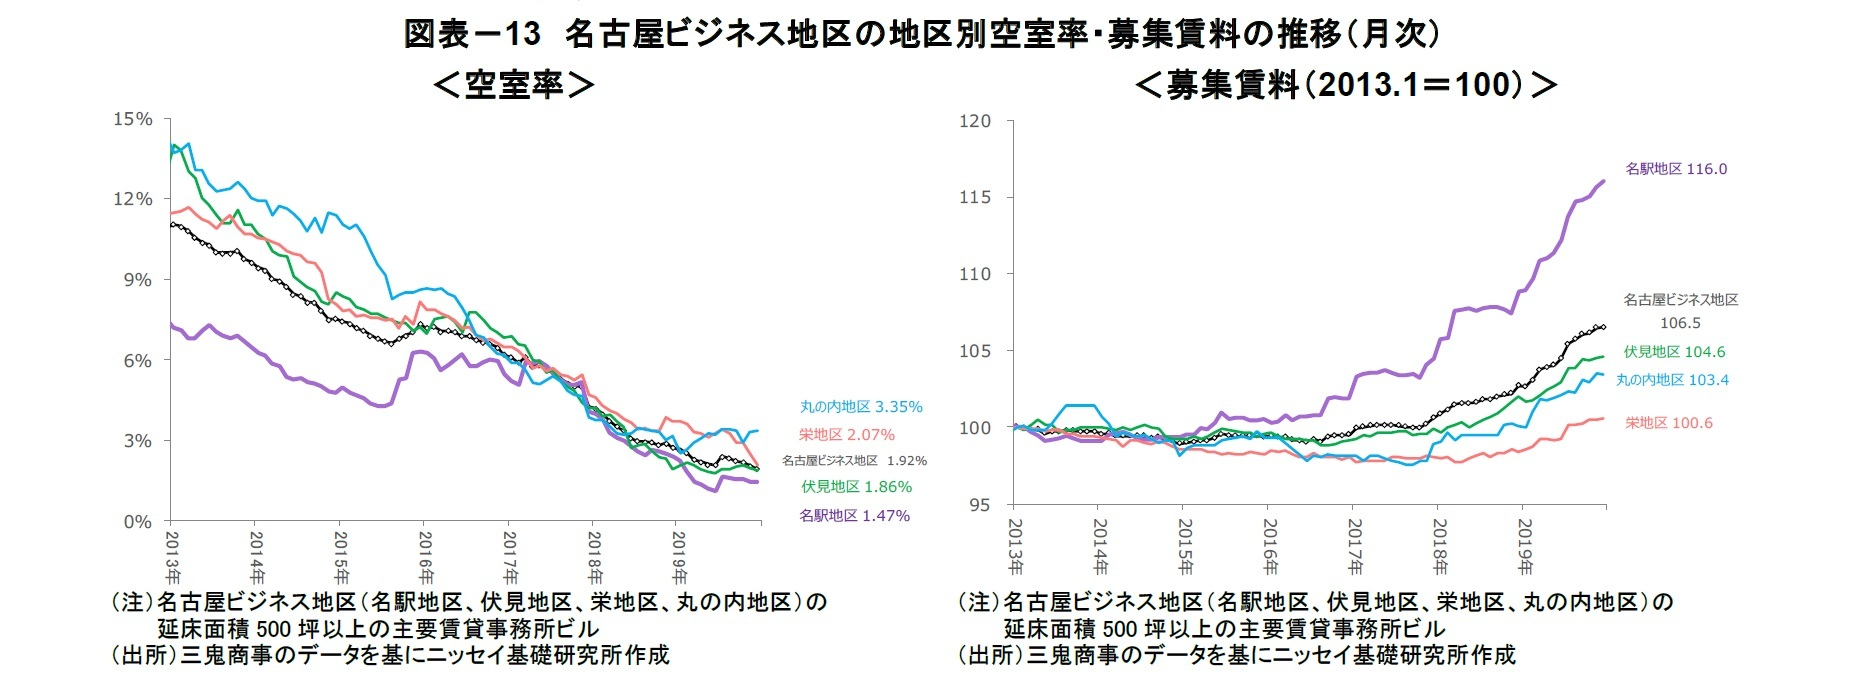 図表-13 名古屋ビジネス地区の地区別空室率・募集賃料の推移(月次)